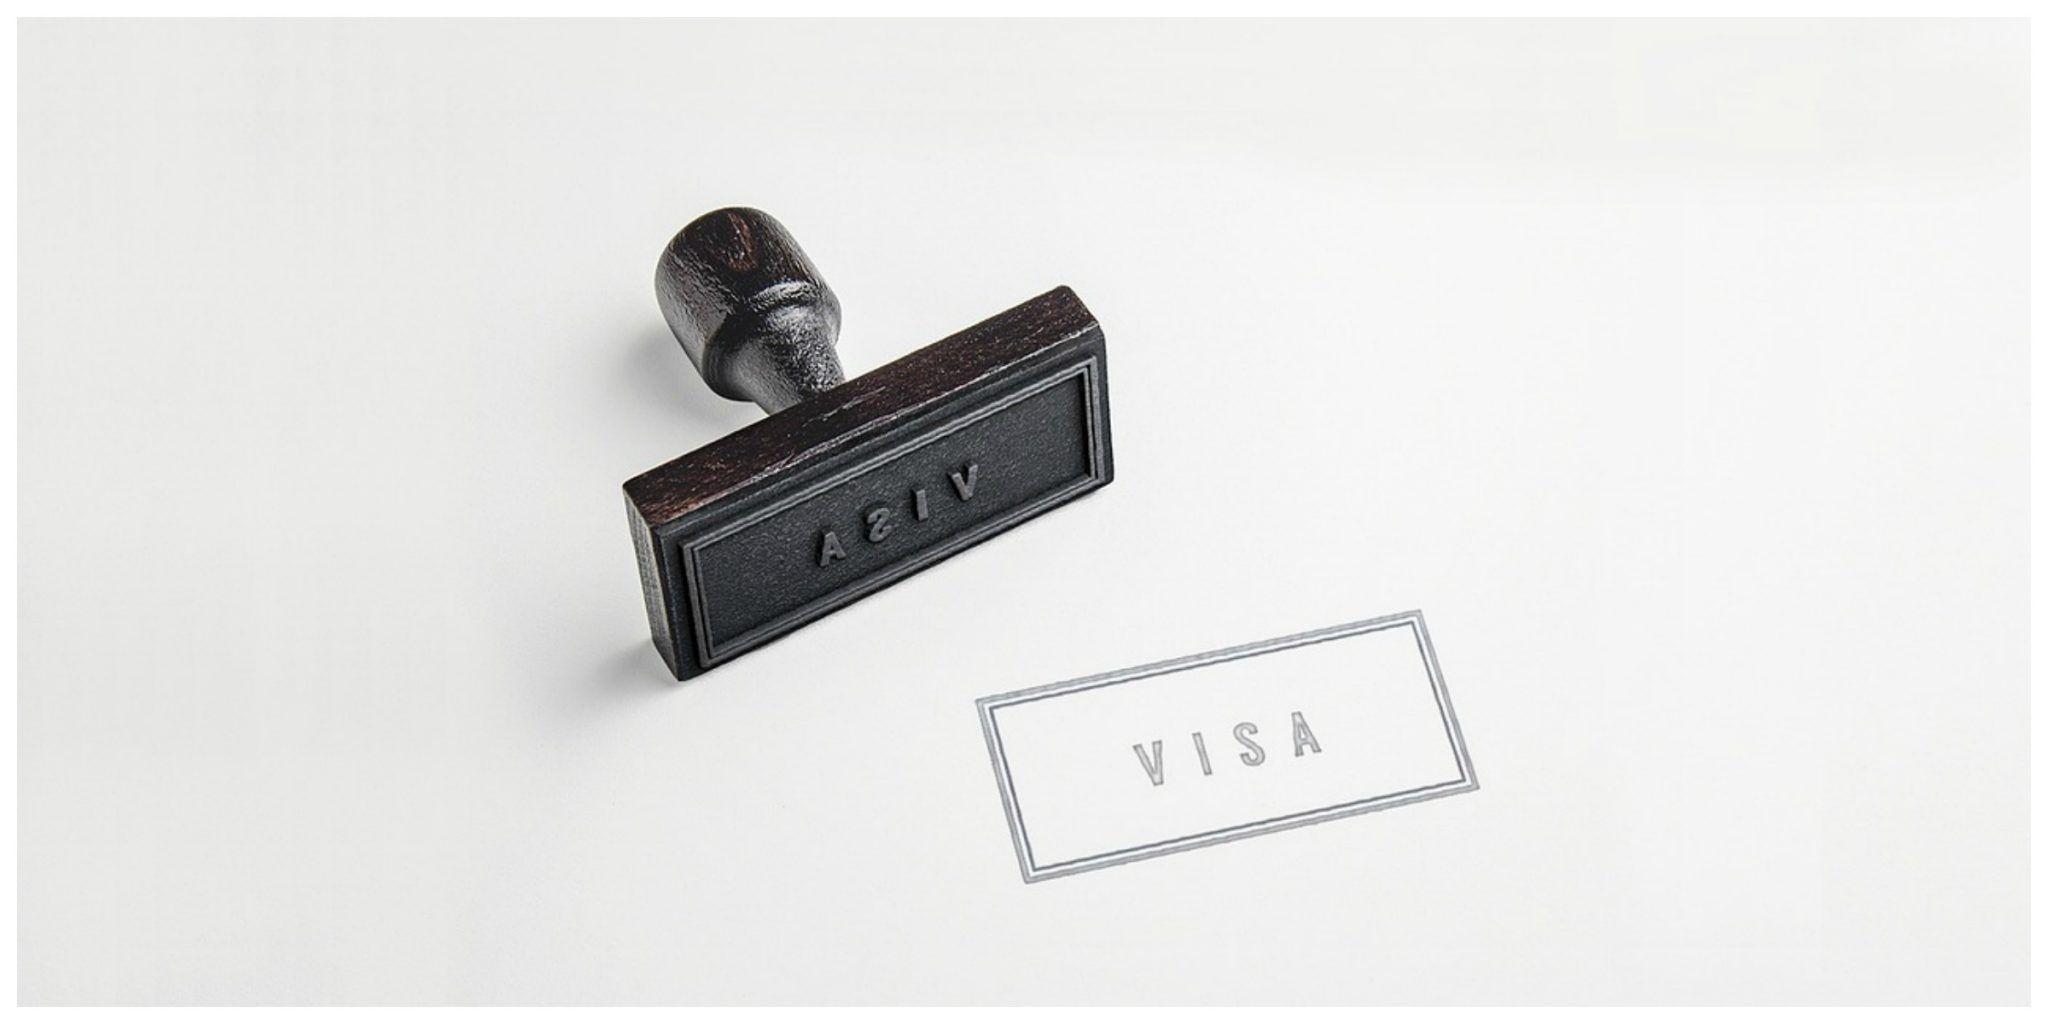 reisleed visumaanvraag